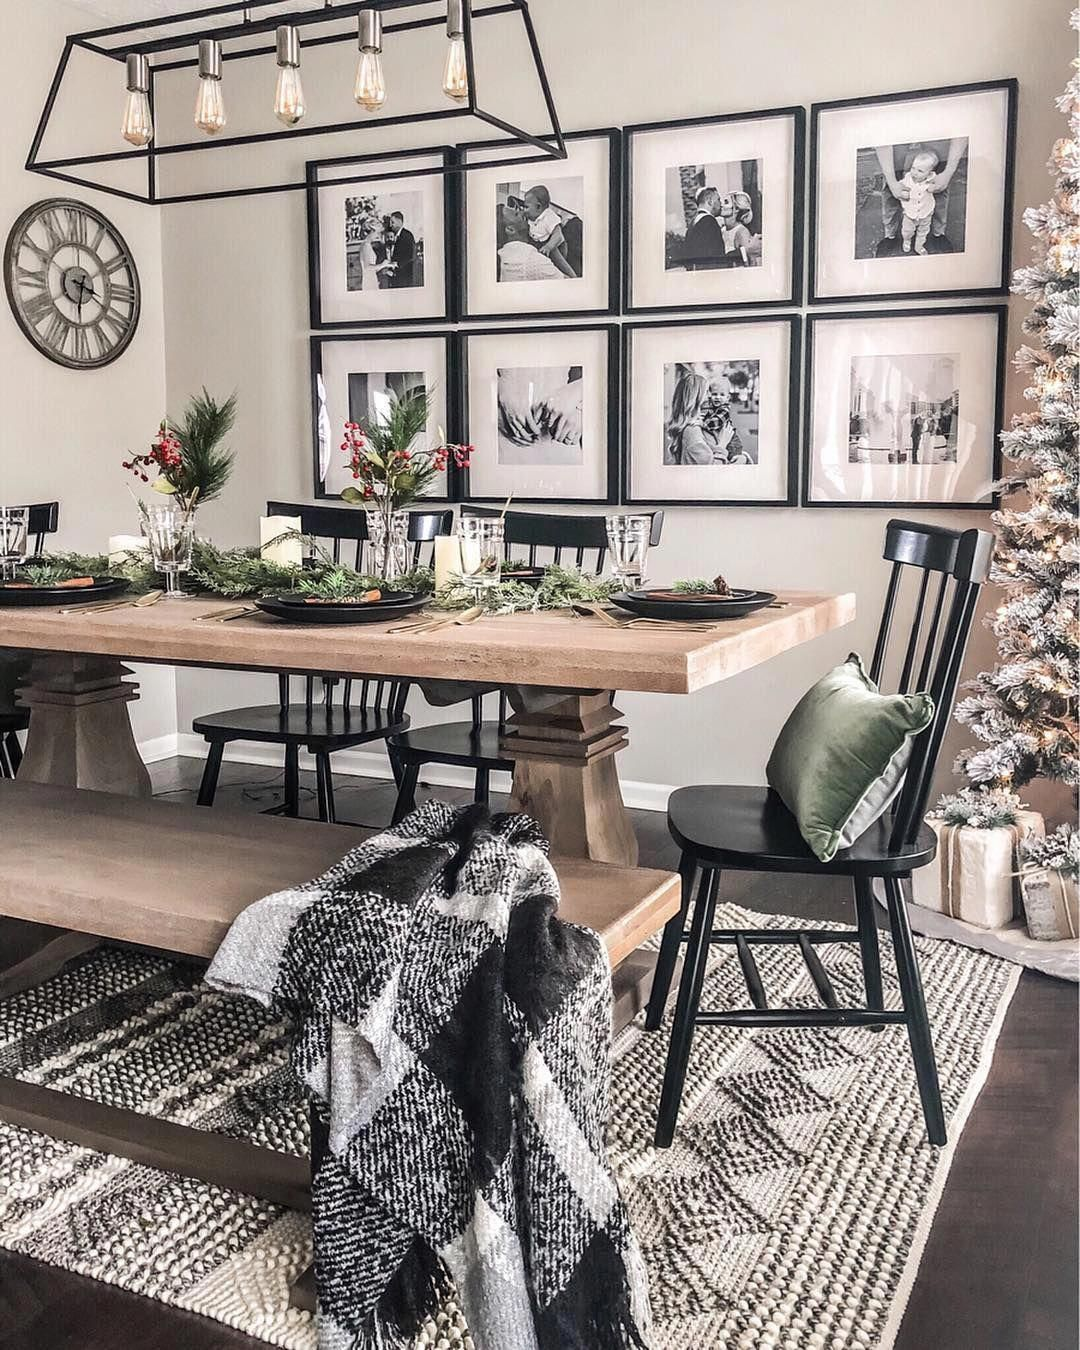 Home Decor Themes Homedecor Farmhouse Style Living Room Farm House Living Room Farmhouse Style Dining Room